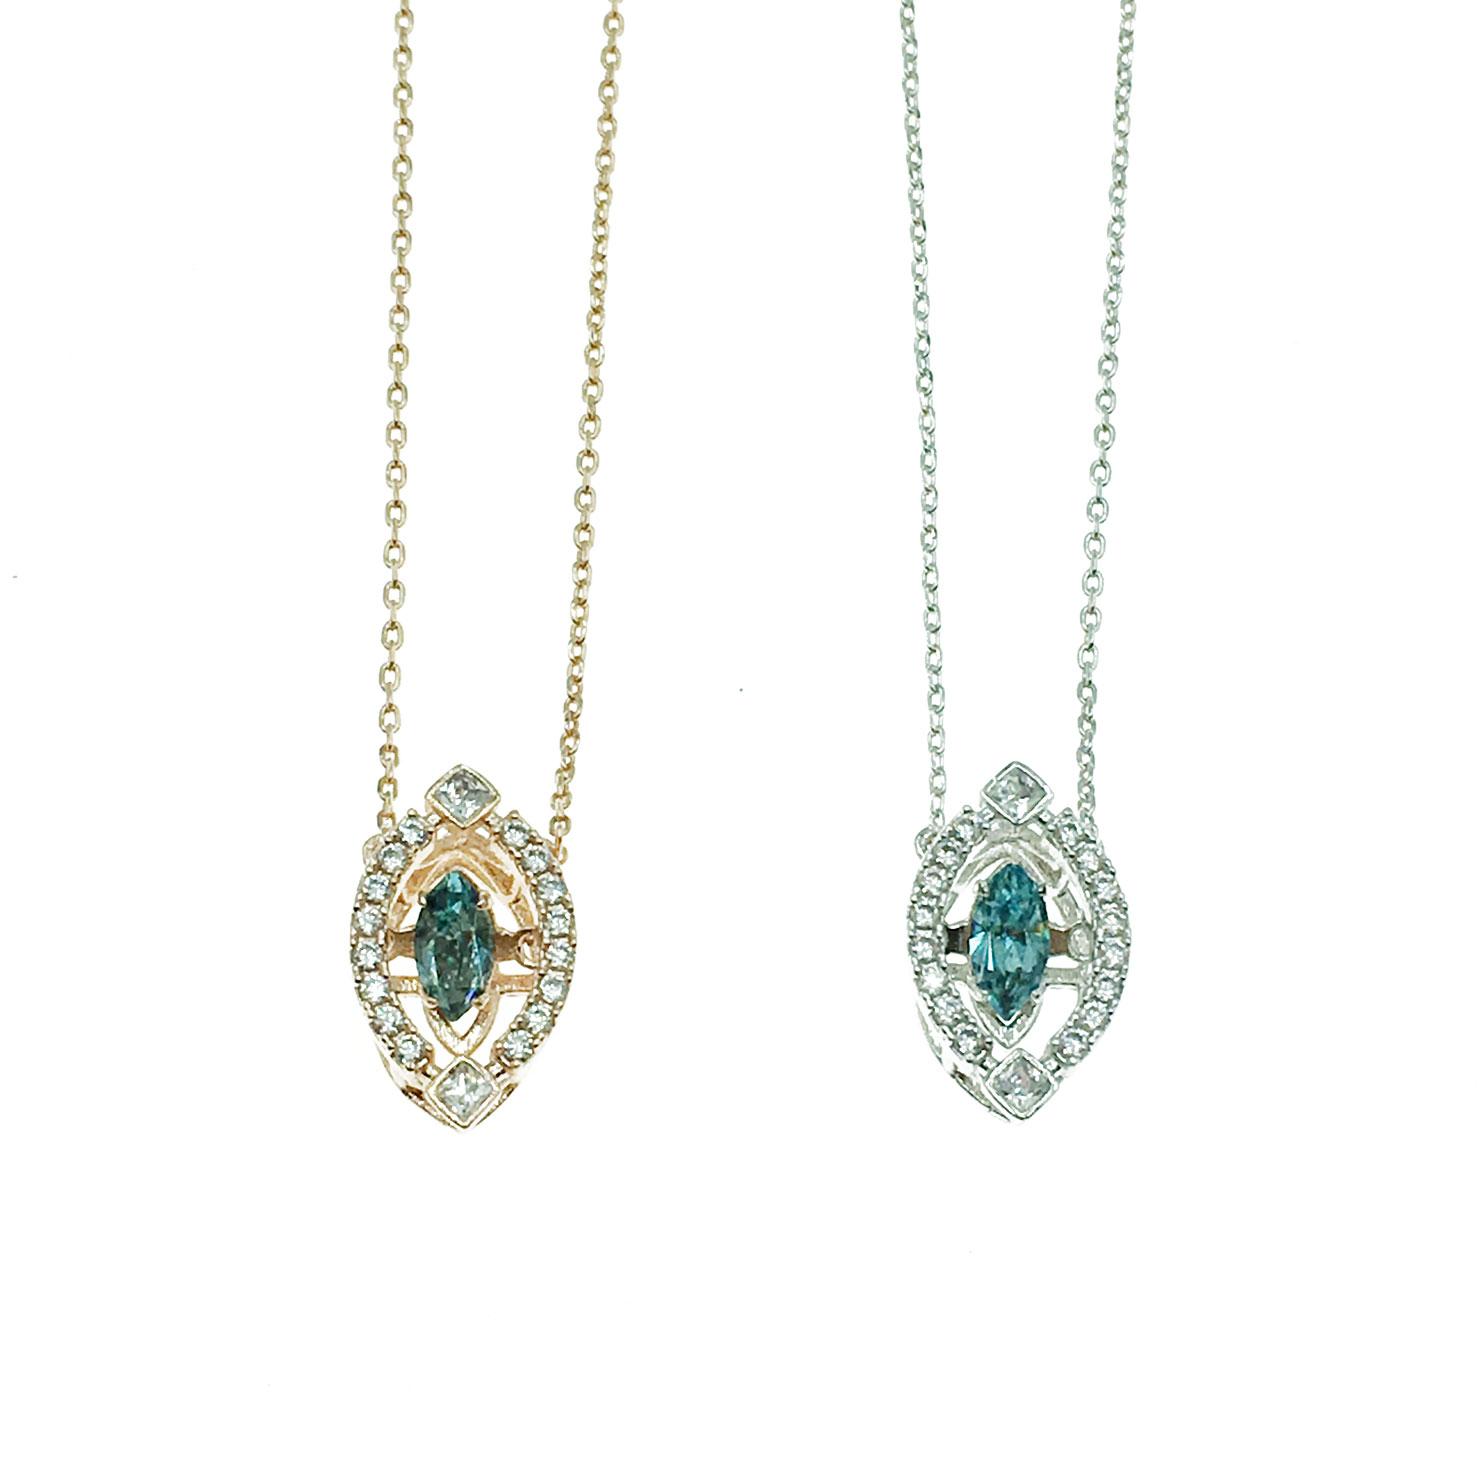 韓國 明星款 水鑽 彩鑽 天鵝 兩色 鎖骨練 項鍊